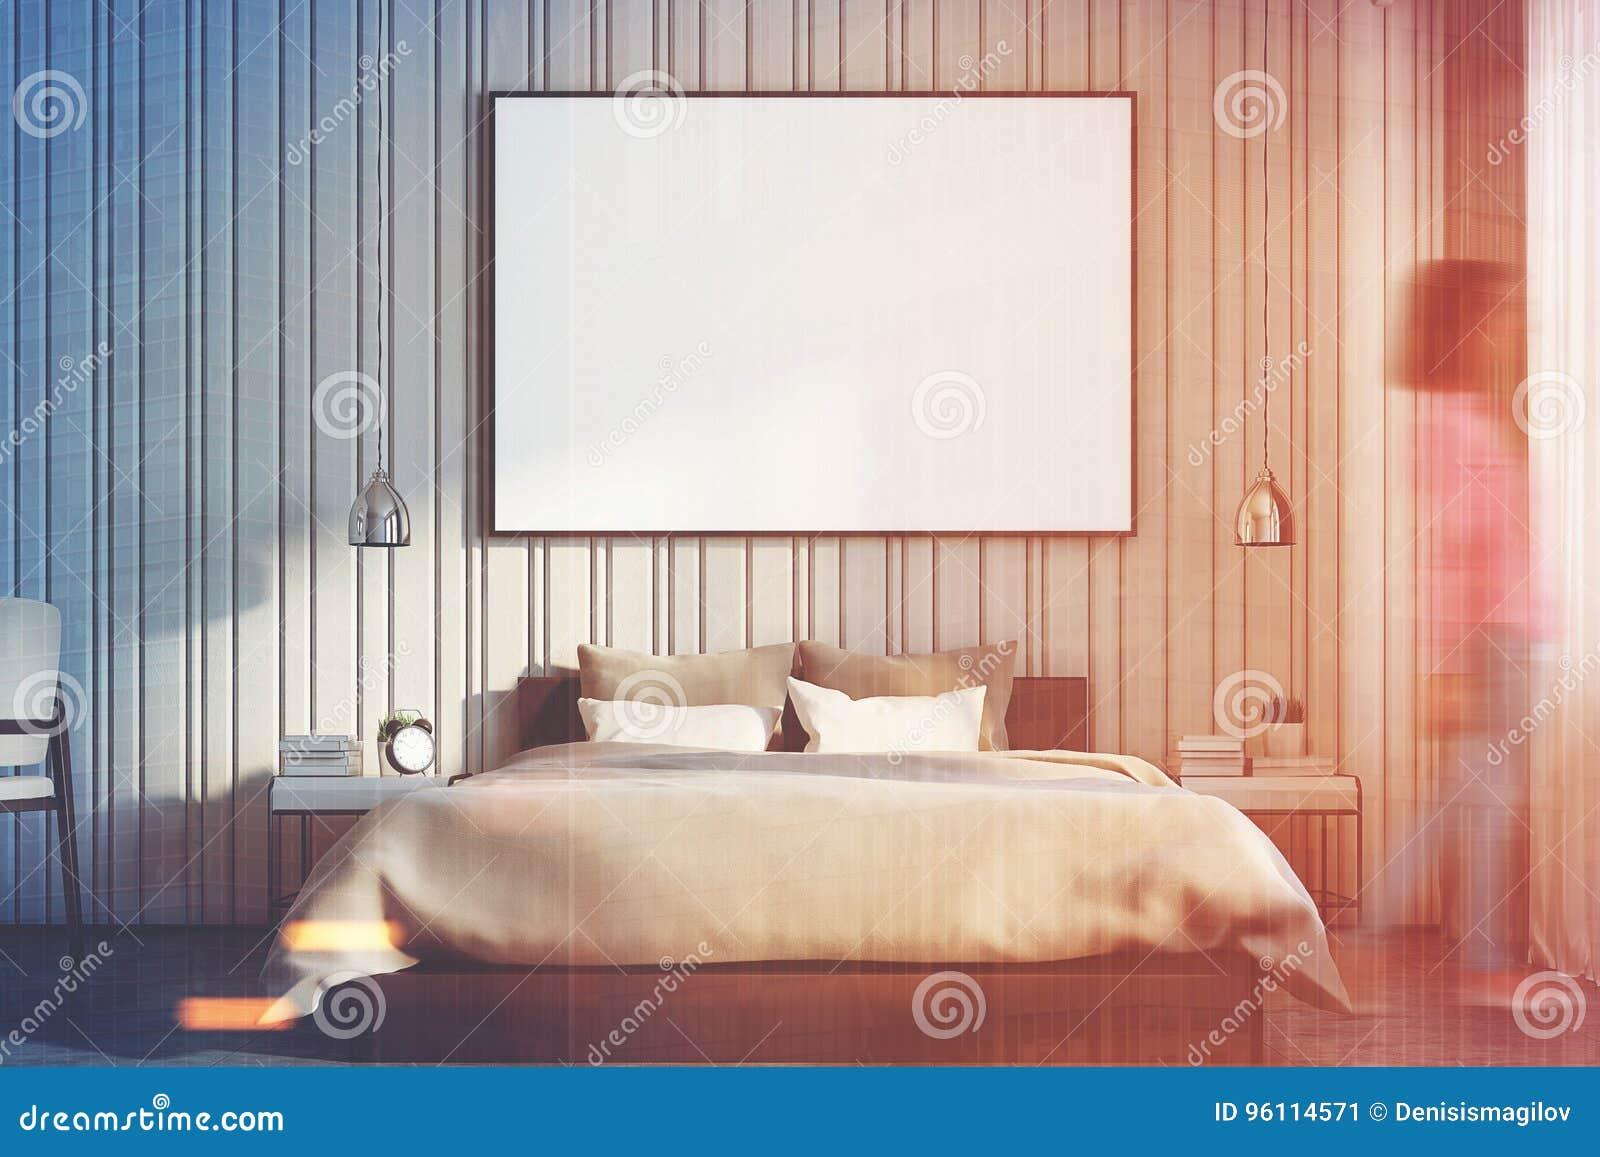 Chambre à Coucher Beige Avec Une Grande Fin D Affiche, Fille